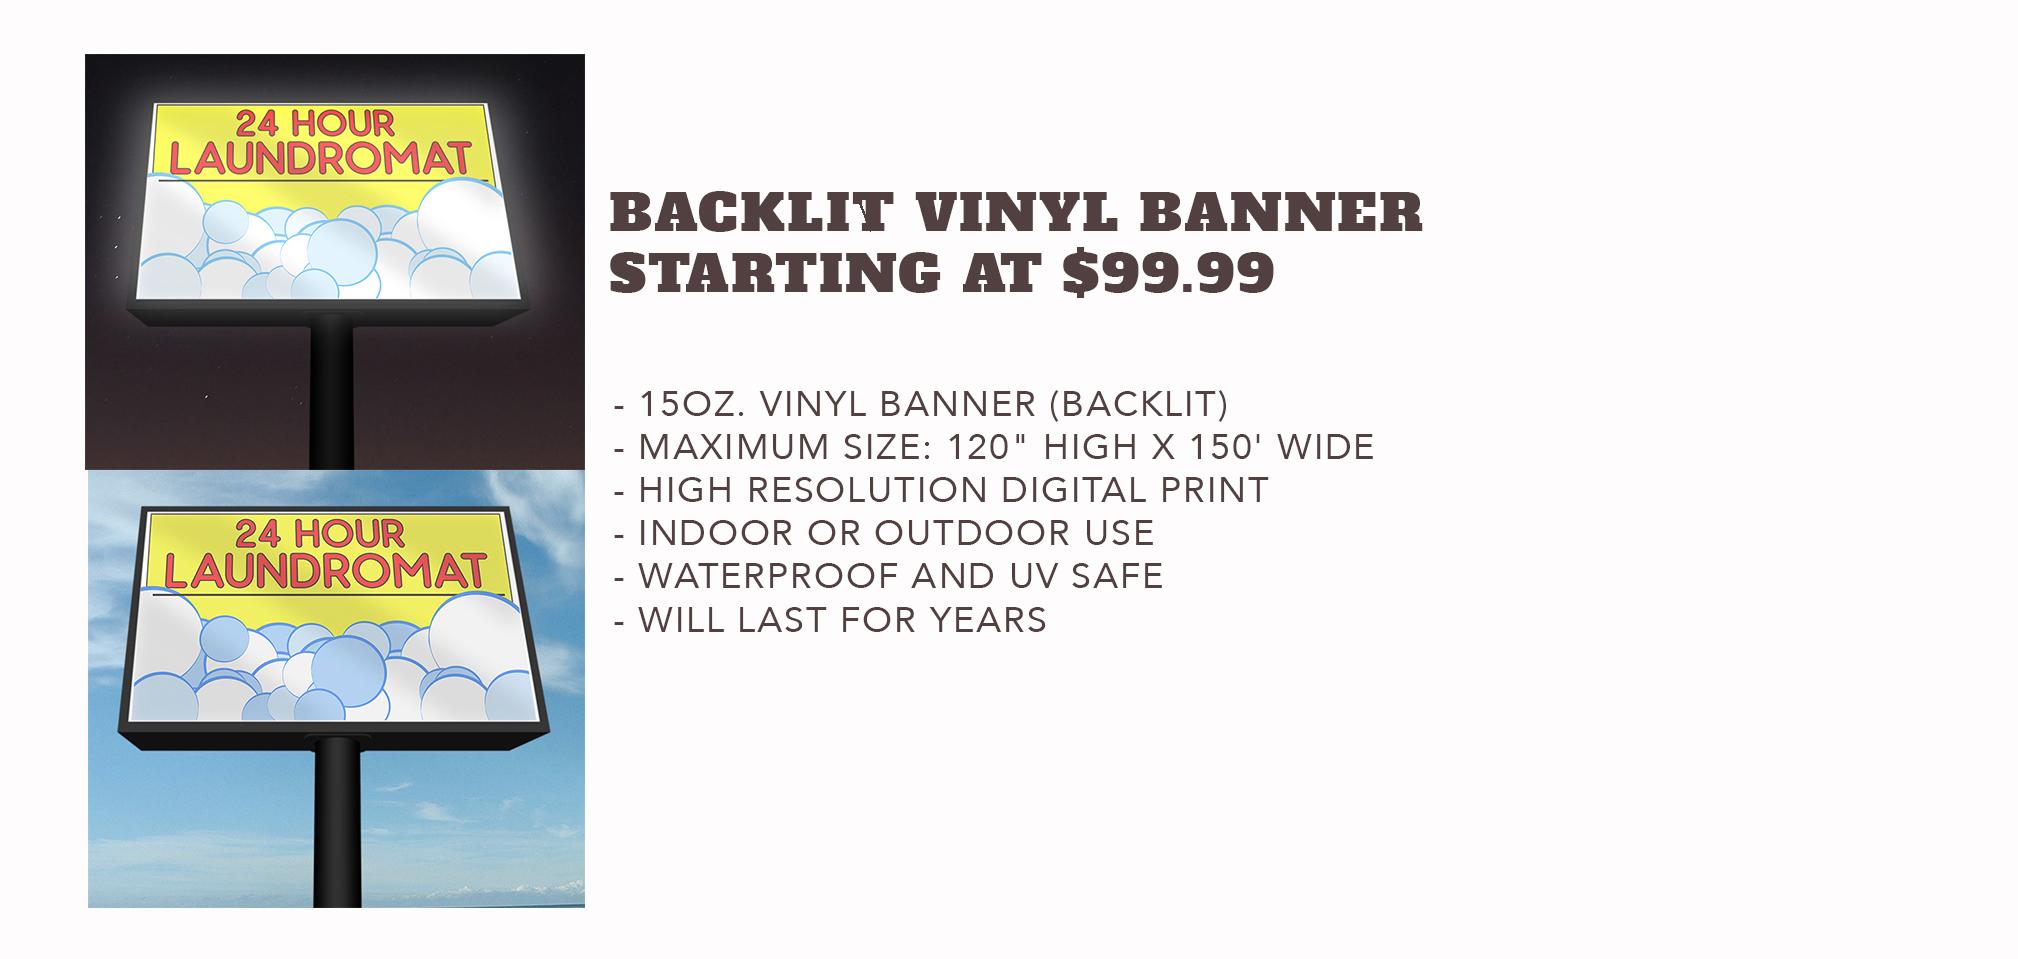 Backlit Vinyl Banner - Starting at $99.99